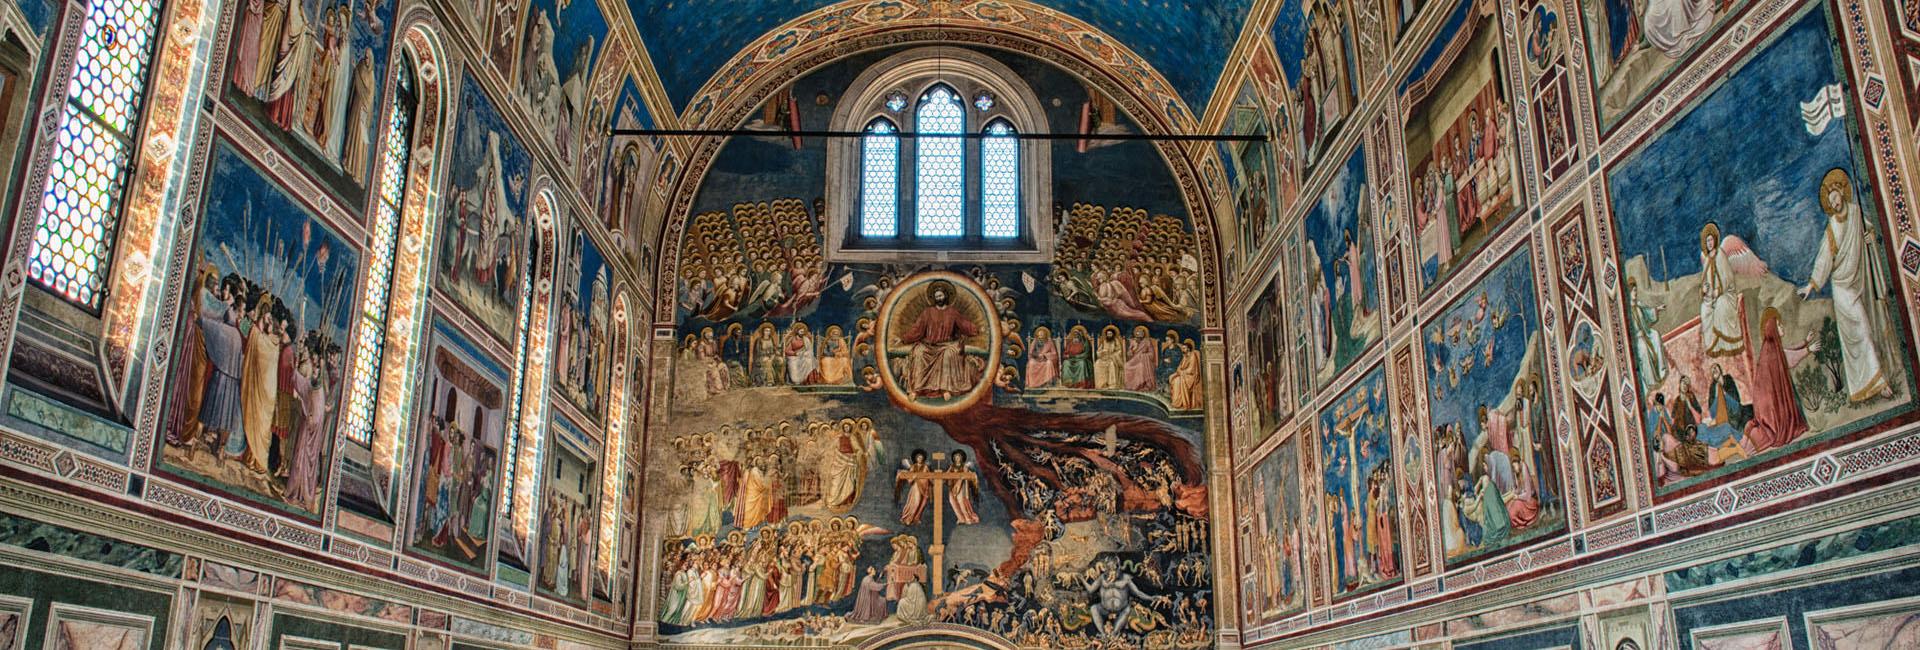 Padova Weekend Cappella degli Scrovegni ©Studio Tomelleri